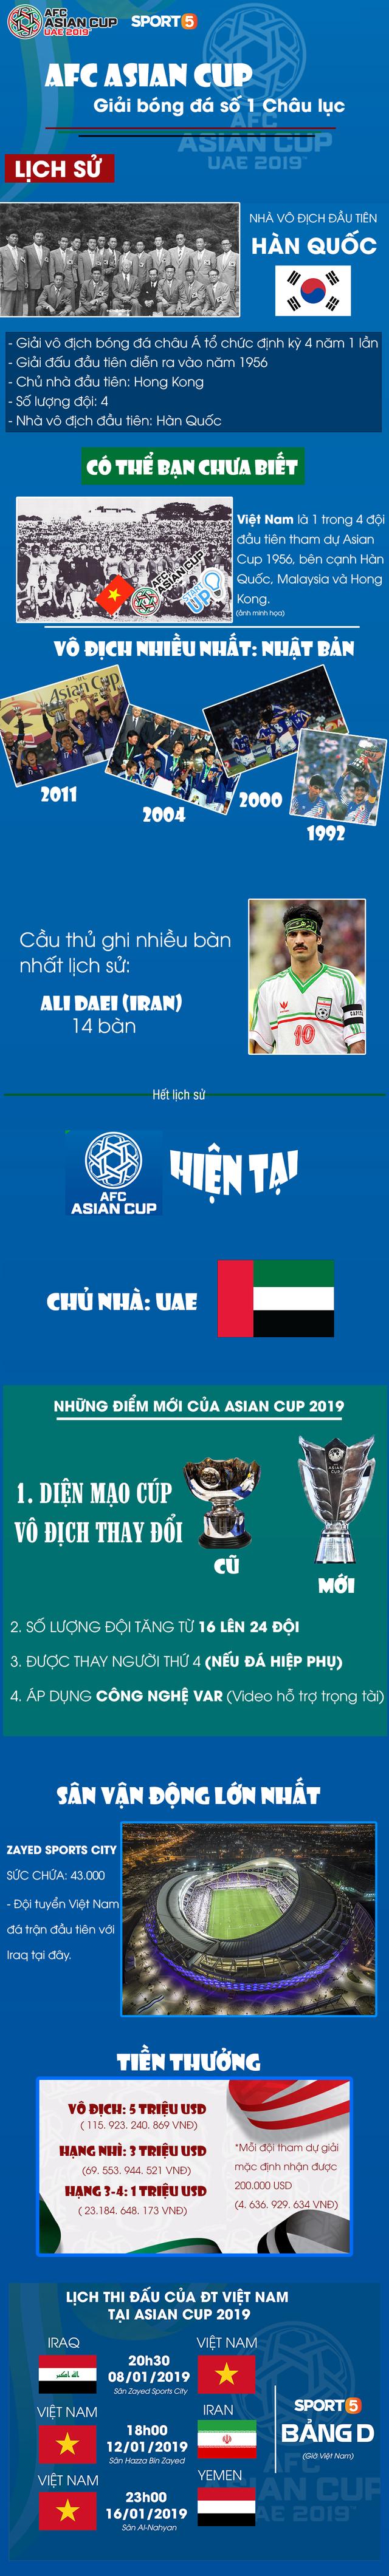 Việt Nam là start up của Asian Cup và những sự thật thú vị về giải đấu số 1 Châu Á - Ảnh 1.